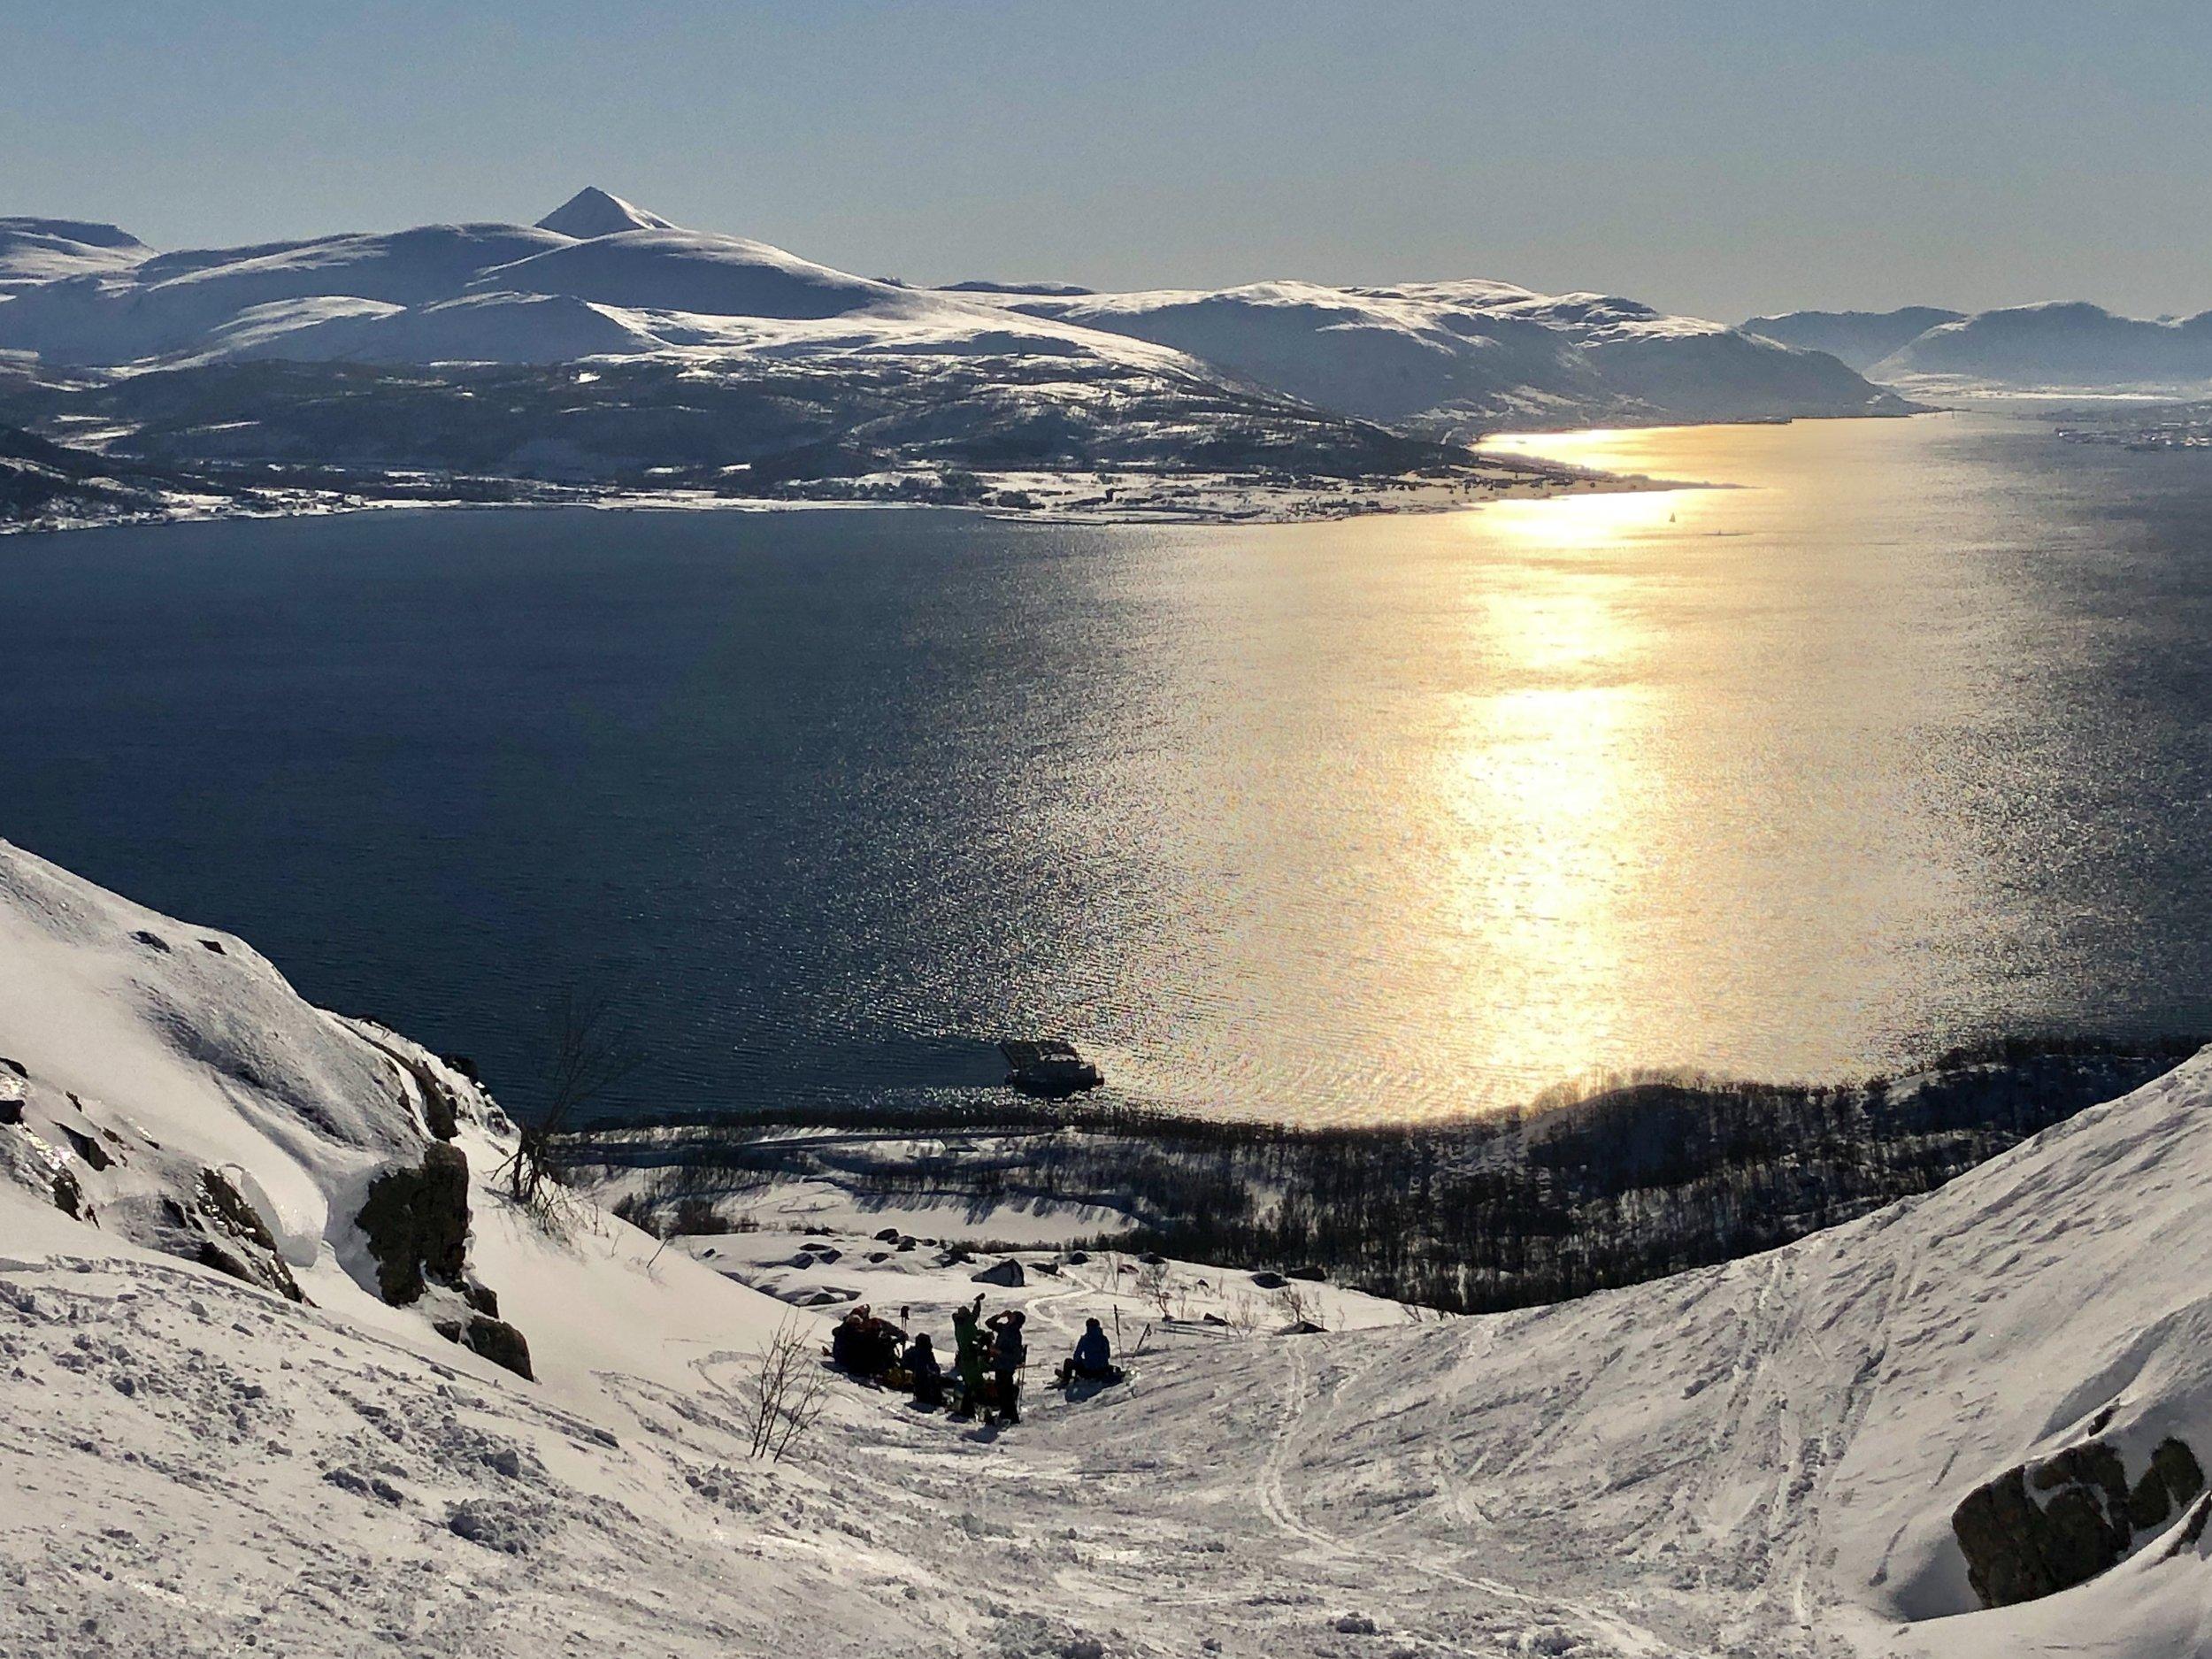 De 8 skituristene hadde funnet seg en vindstille plass. Her stoppet jeg også på vei ned